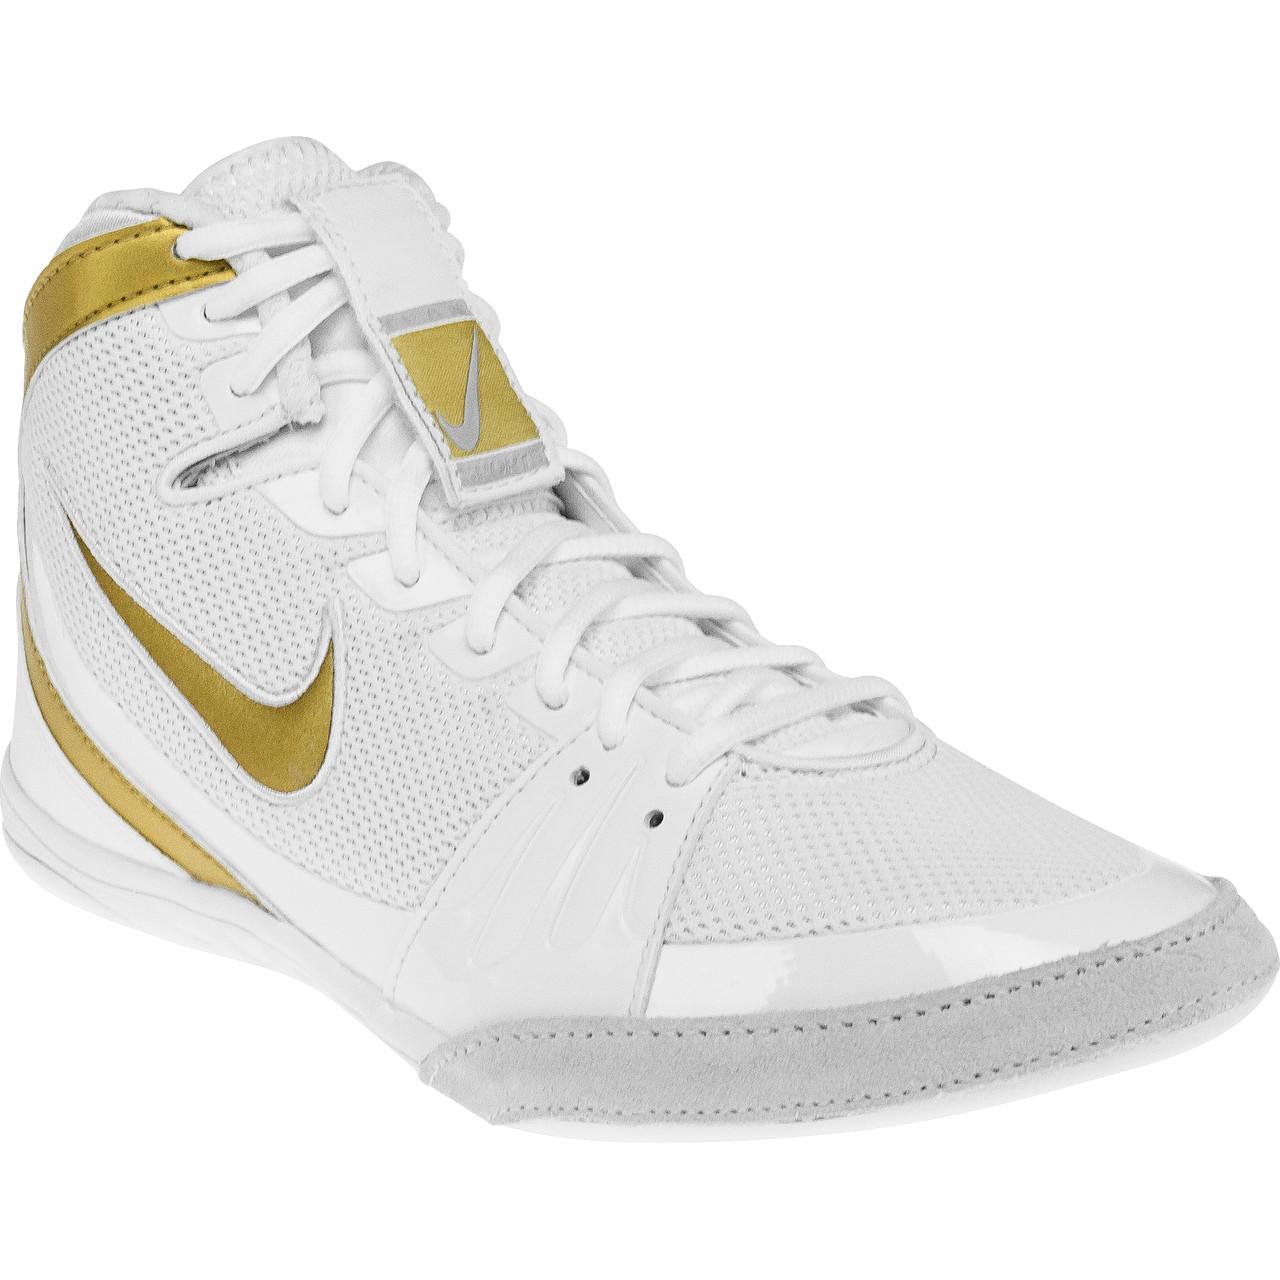 Борцовки, боксерки Nike Freek. Обувь для борьбы, бокса. Борцовки Найк